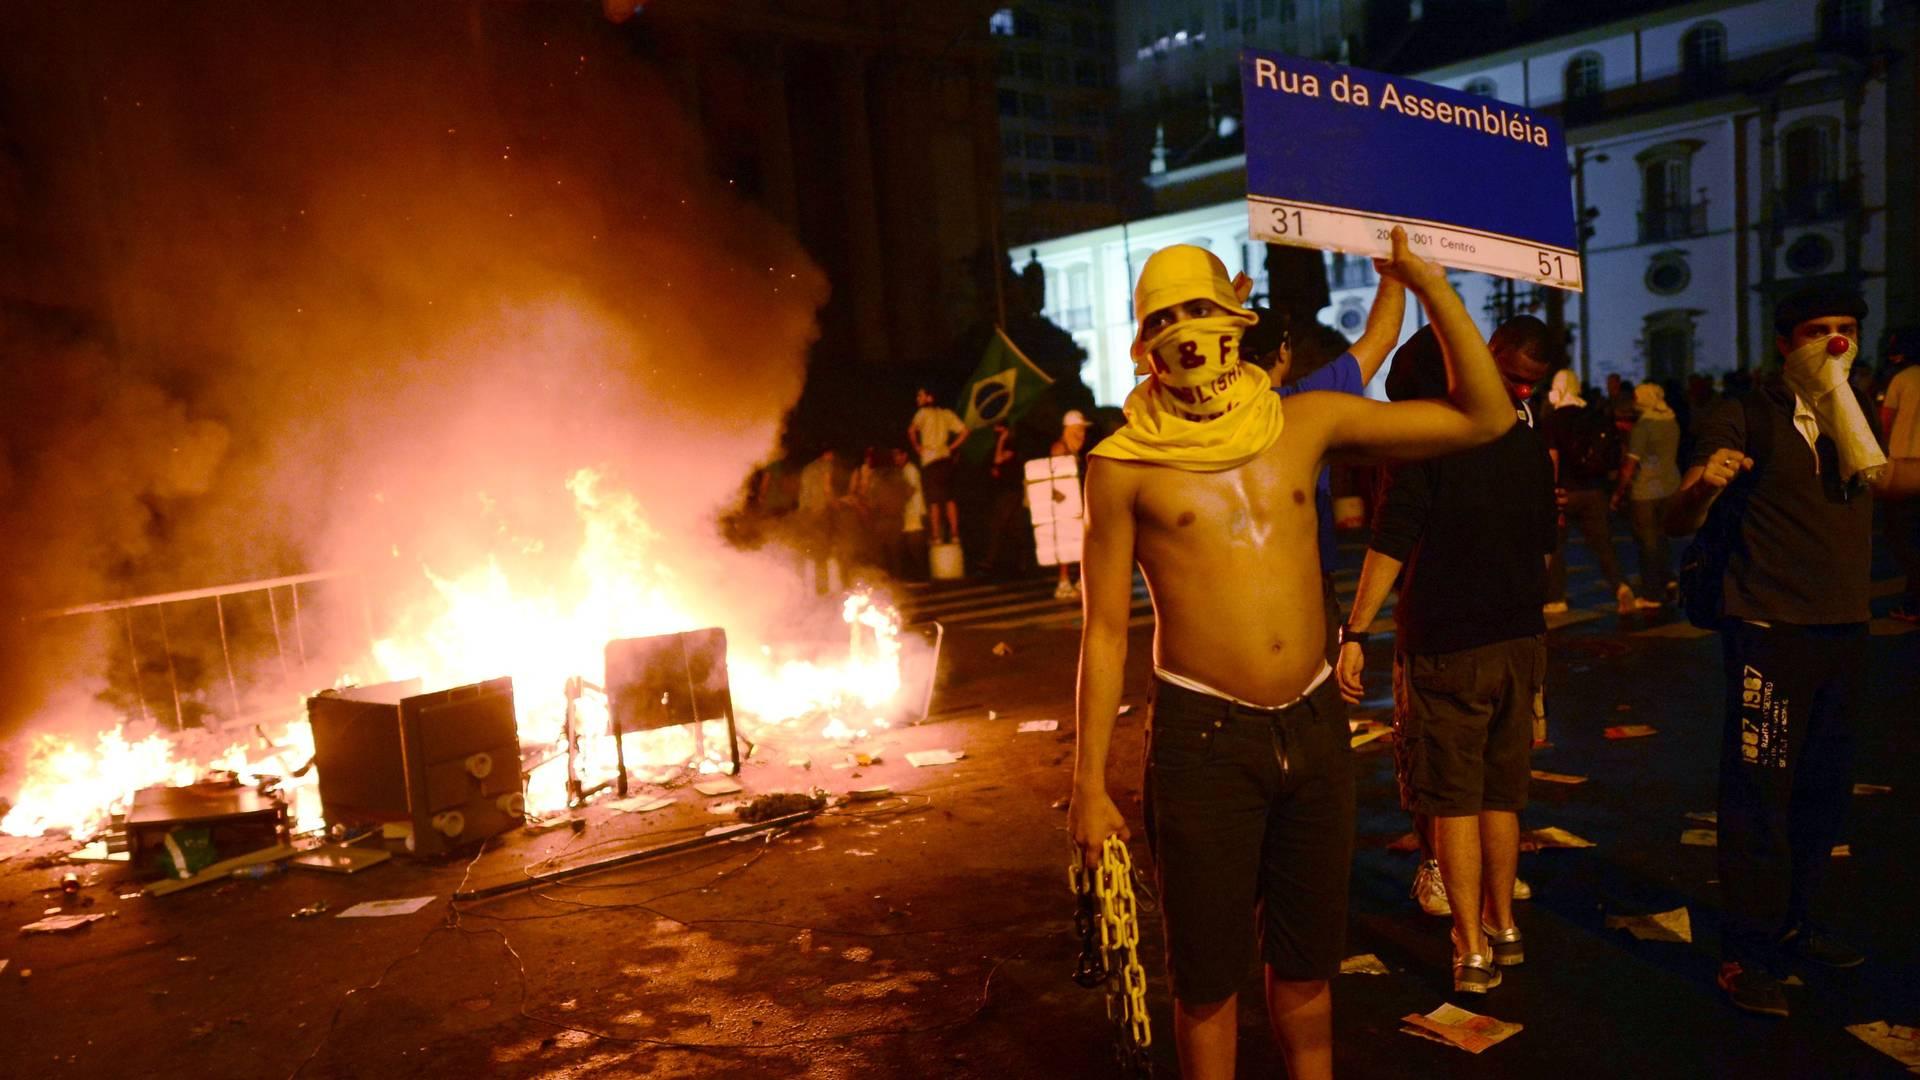 Jornadas de Junho 2013 no Rio de Janeiro